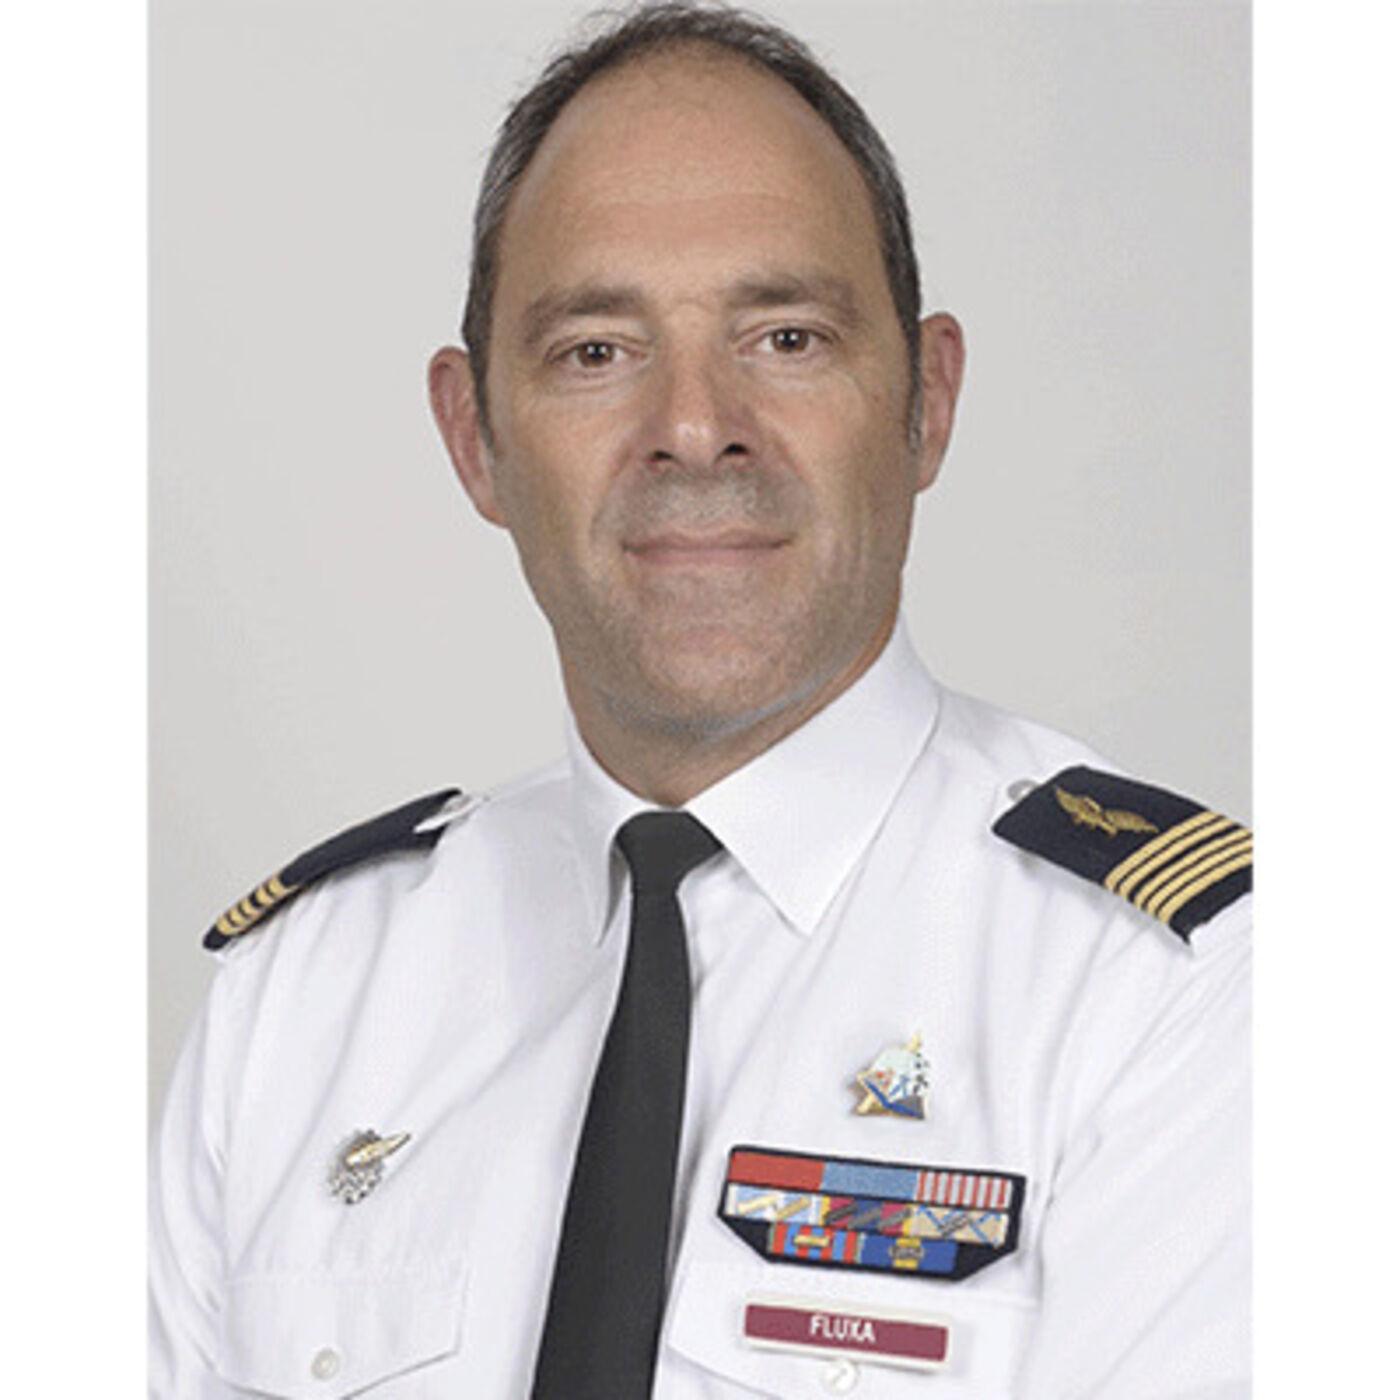 Entretien avec le Colonel Thierry Fluxa, chef du bureau recrutement, direction des ressources humaines de l'armée de l'Air